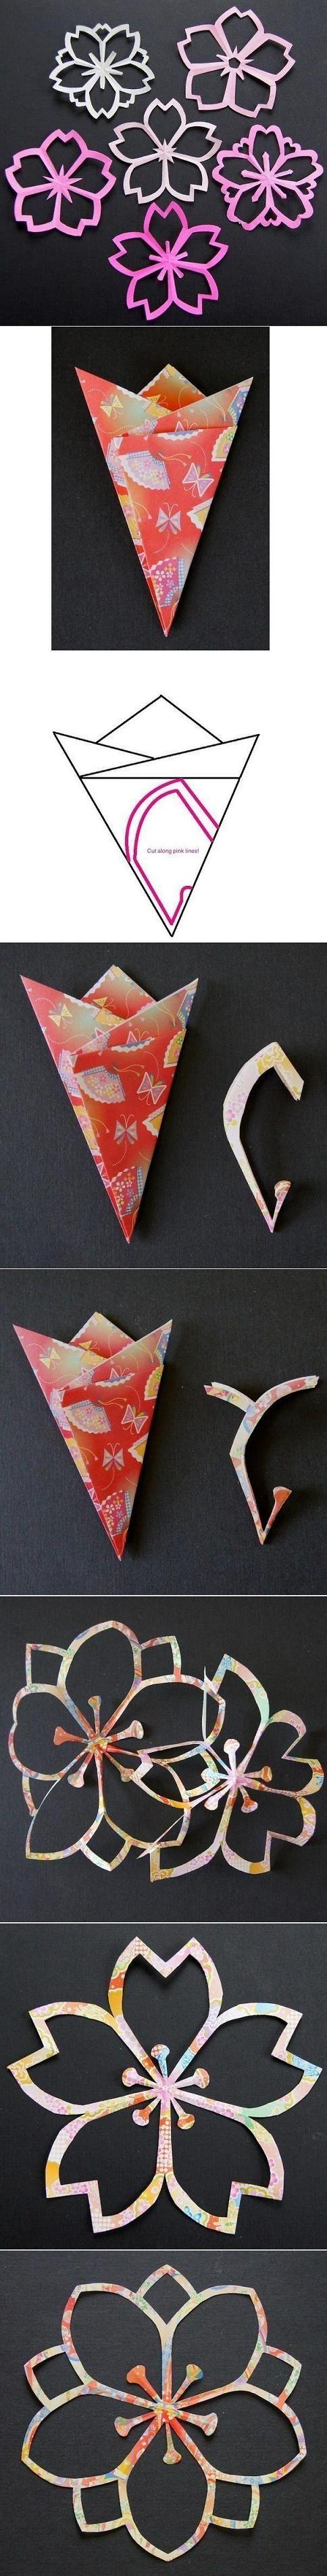 DIY Papier Kirschblüten